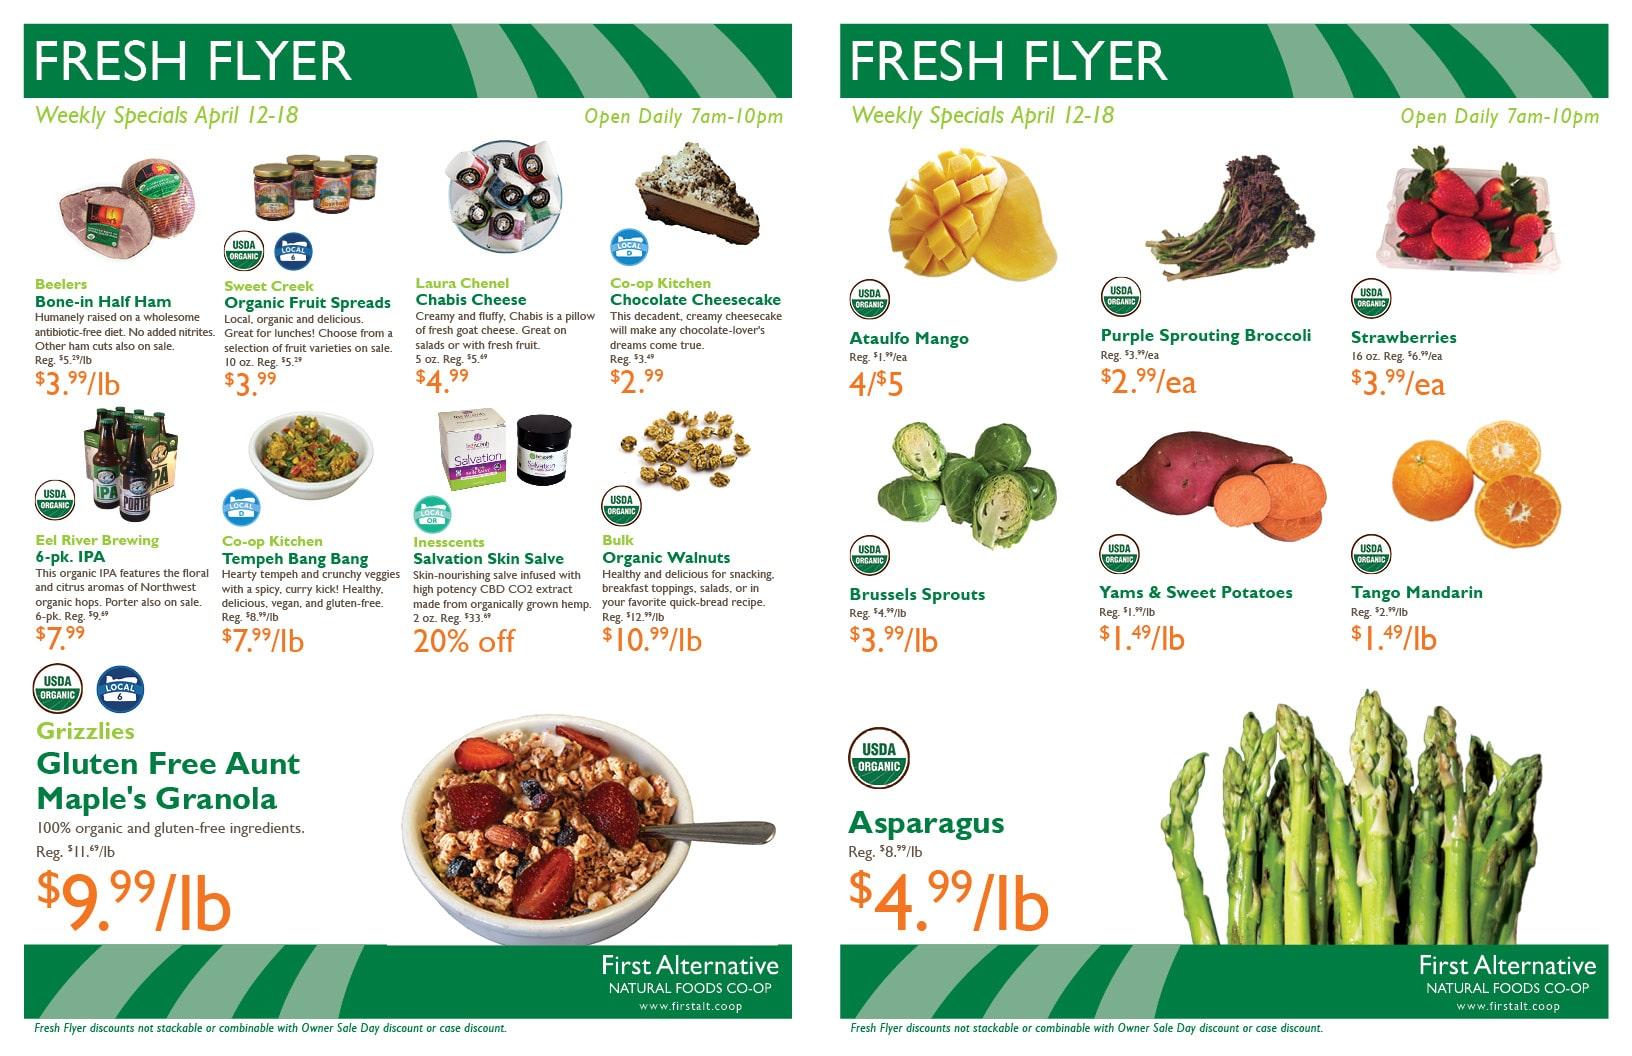 First Alternative Fresh Flyer Apr 12-18